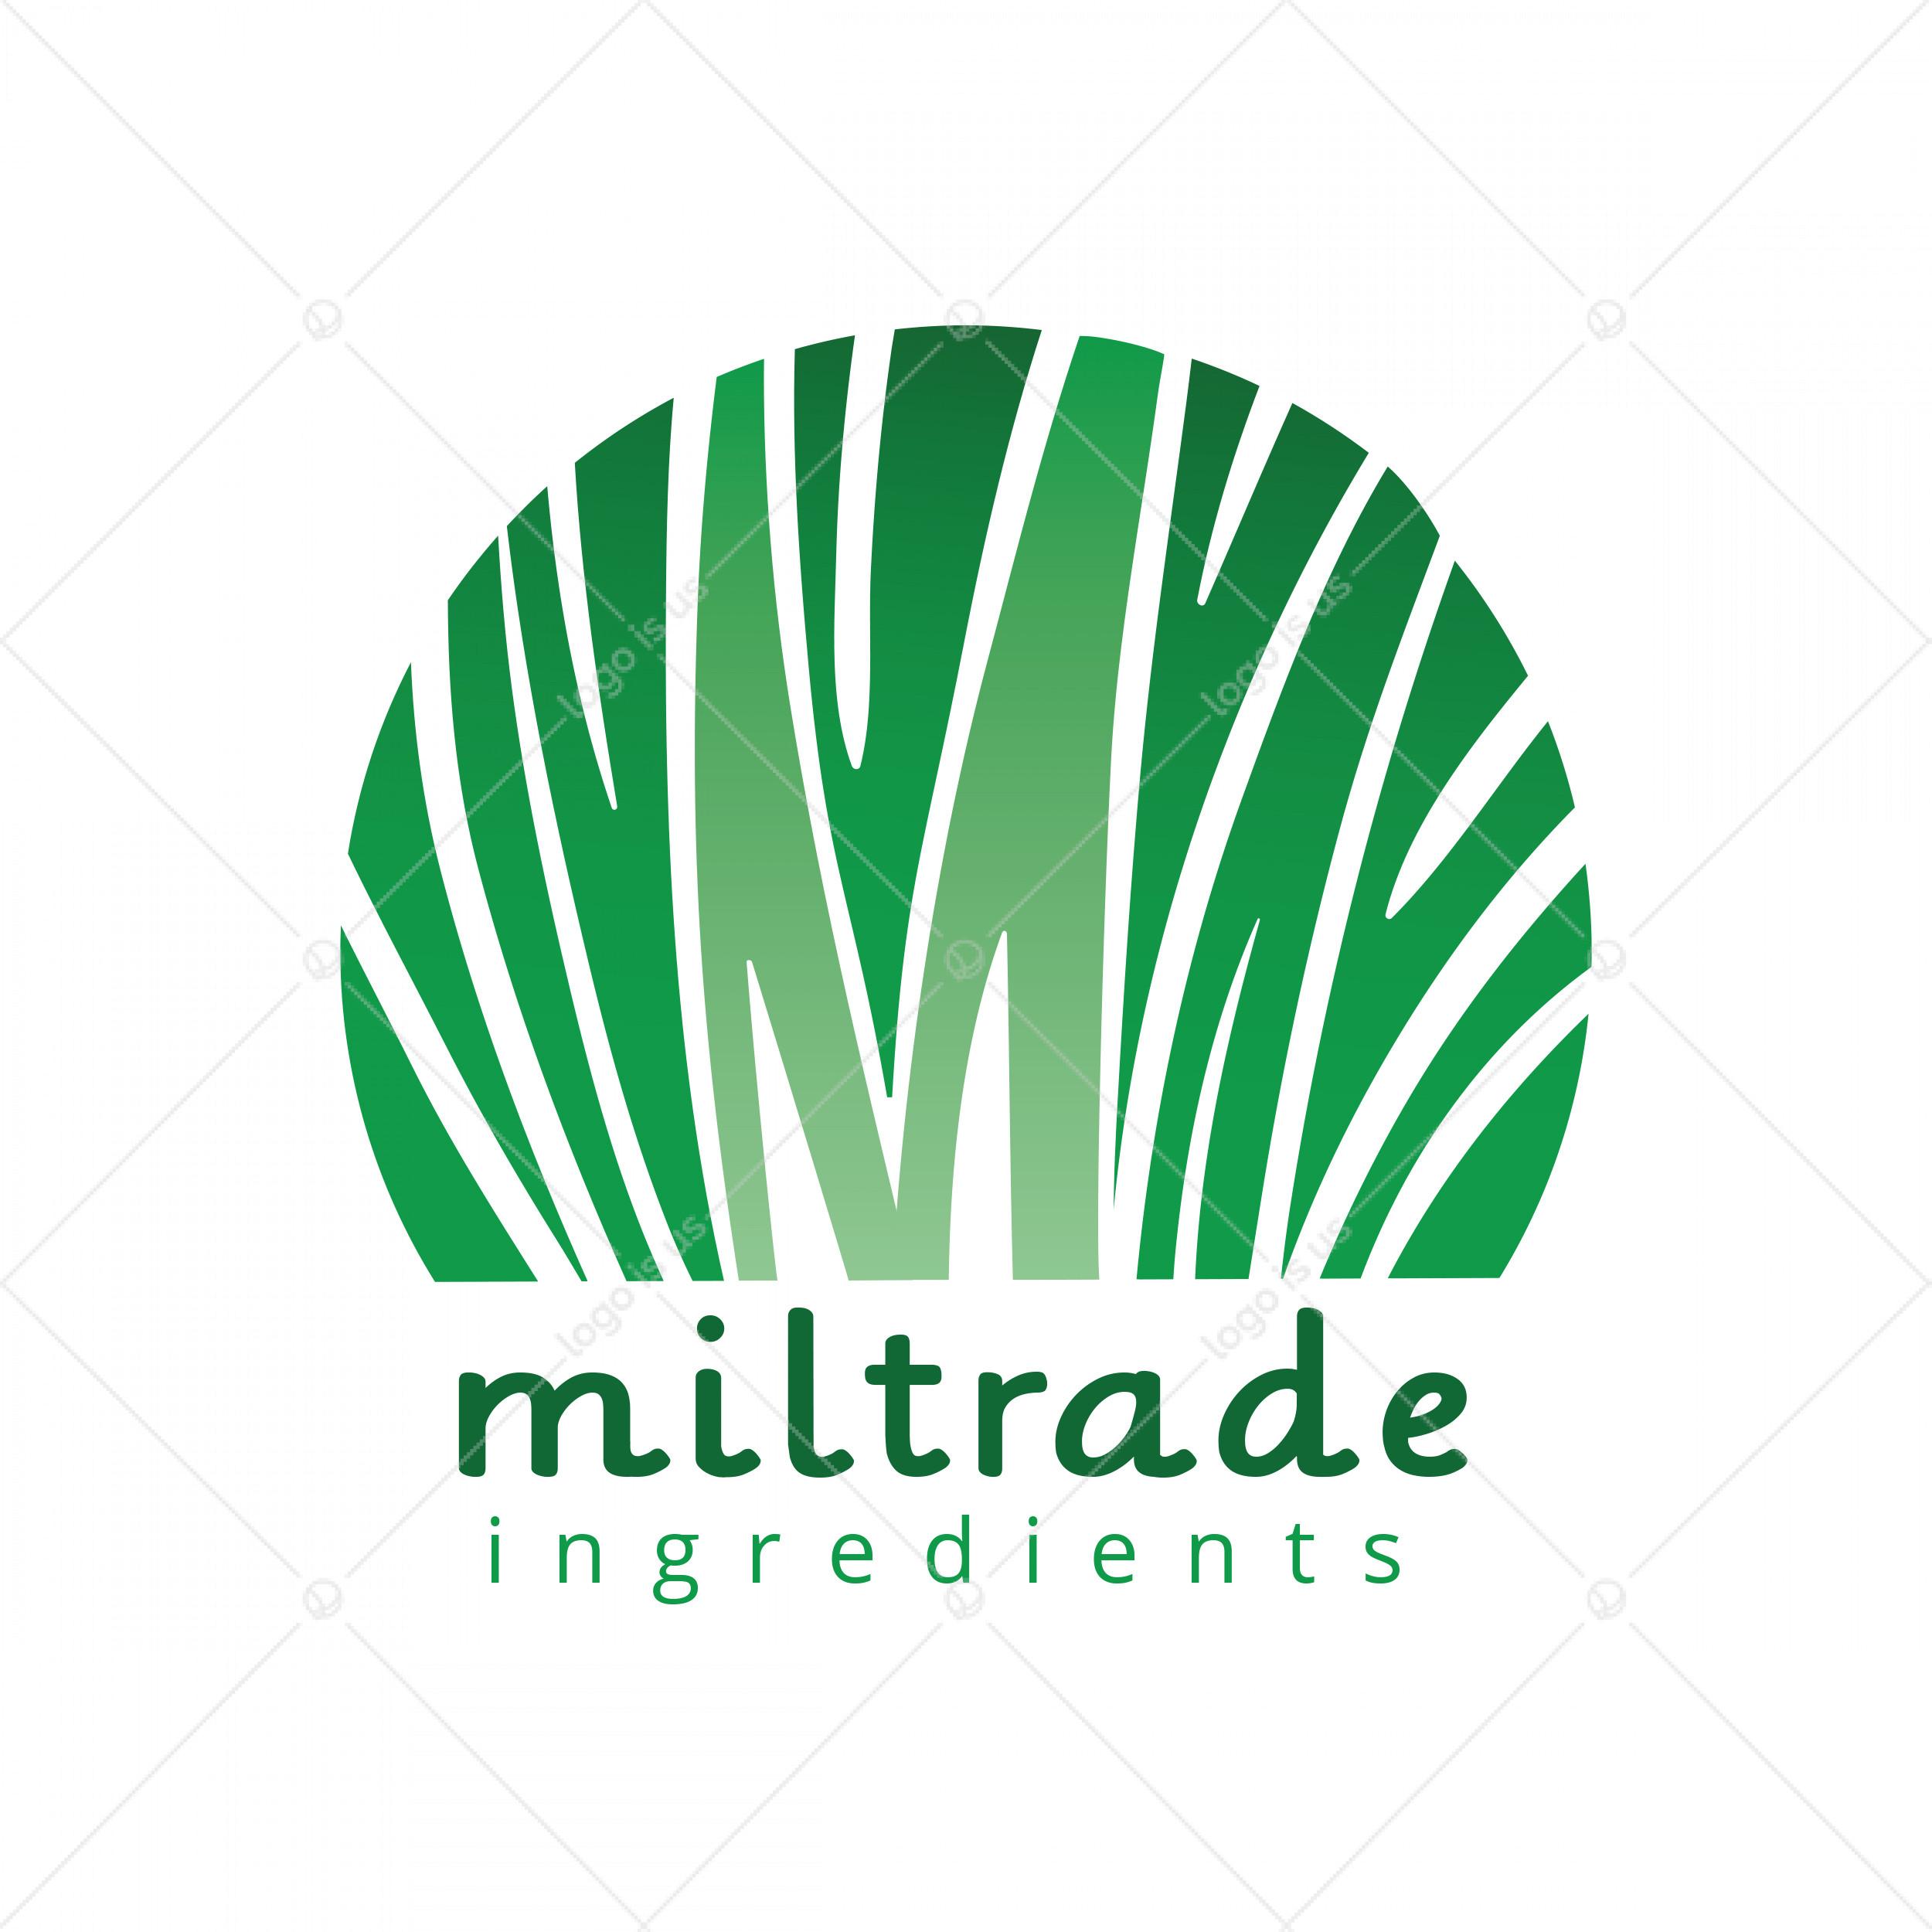 Miltrade Logo